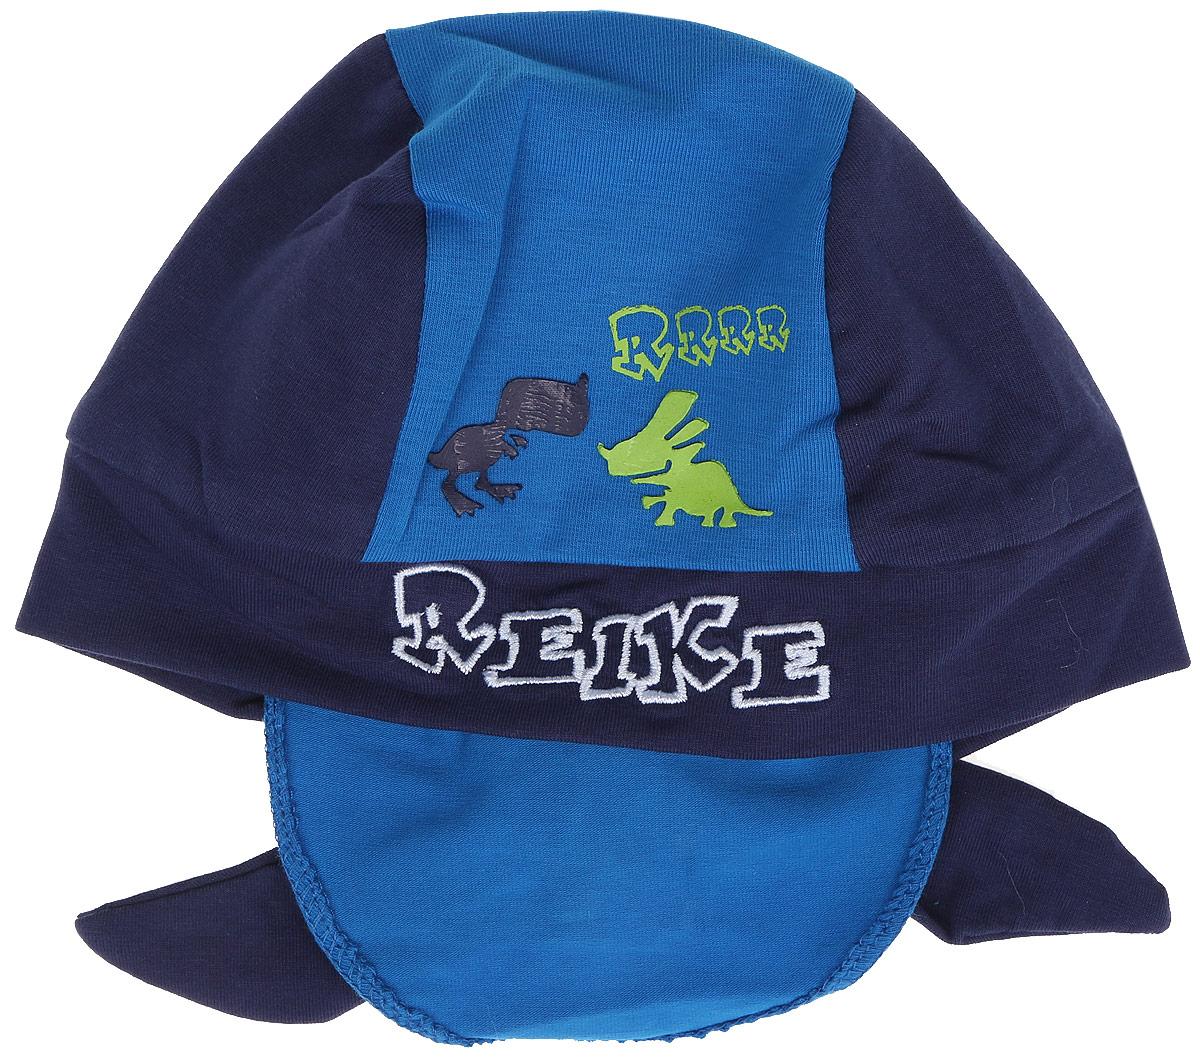 БанданаRKNSS17-DIN8_green/blueБандана для мальчика Reike Динозаврики, изготовленная из натурального хлопка, станет стильным аксессуаром во время прогулок и игр на свежем воздухе, защищая голову малыша от солнца и ветра. Бандана оформлена принтом в стиле серии и вышитой надписью с названием бренда и фиксируется на голове широкими завязками. Уважаемые клиенты! Размер, доступный для заказа, является обхватом головы.